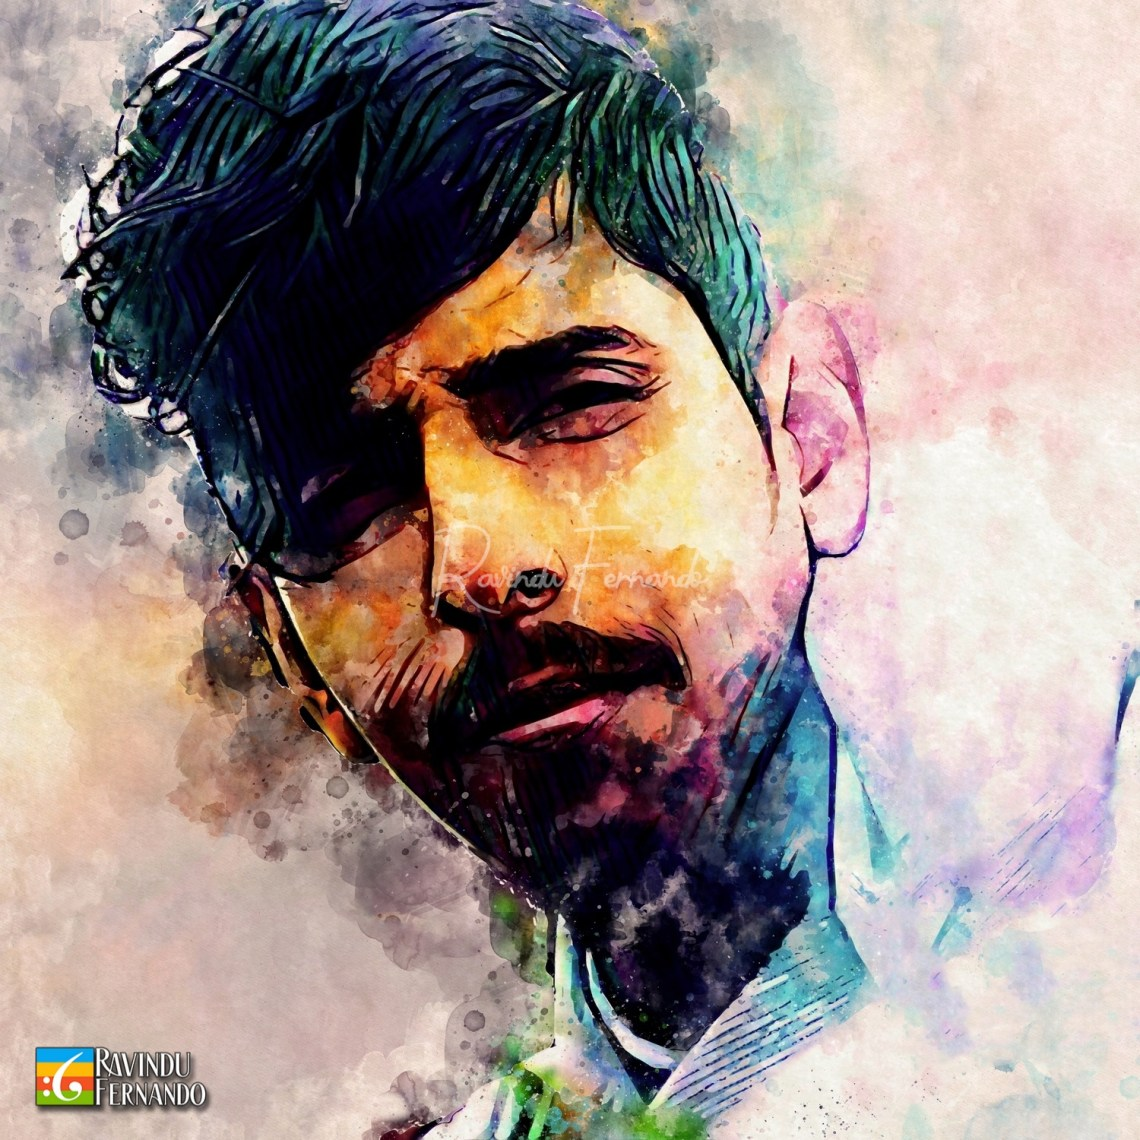 R Pradeep Kumarasinghe - Digital Watercolor Painting